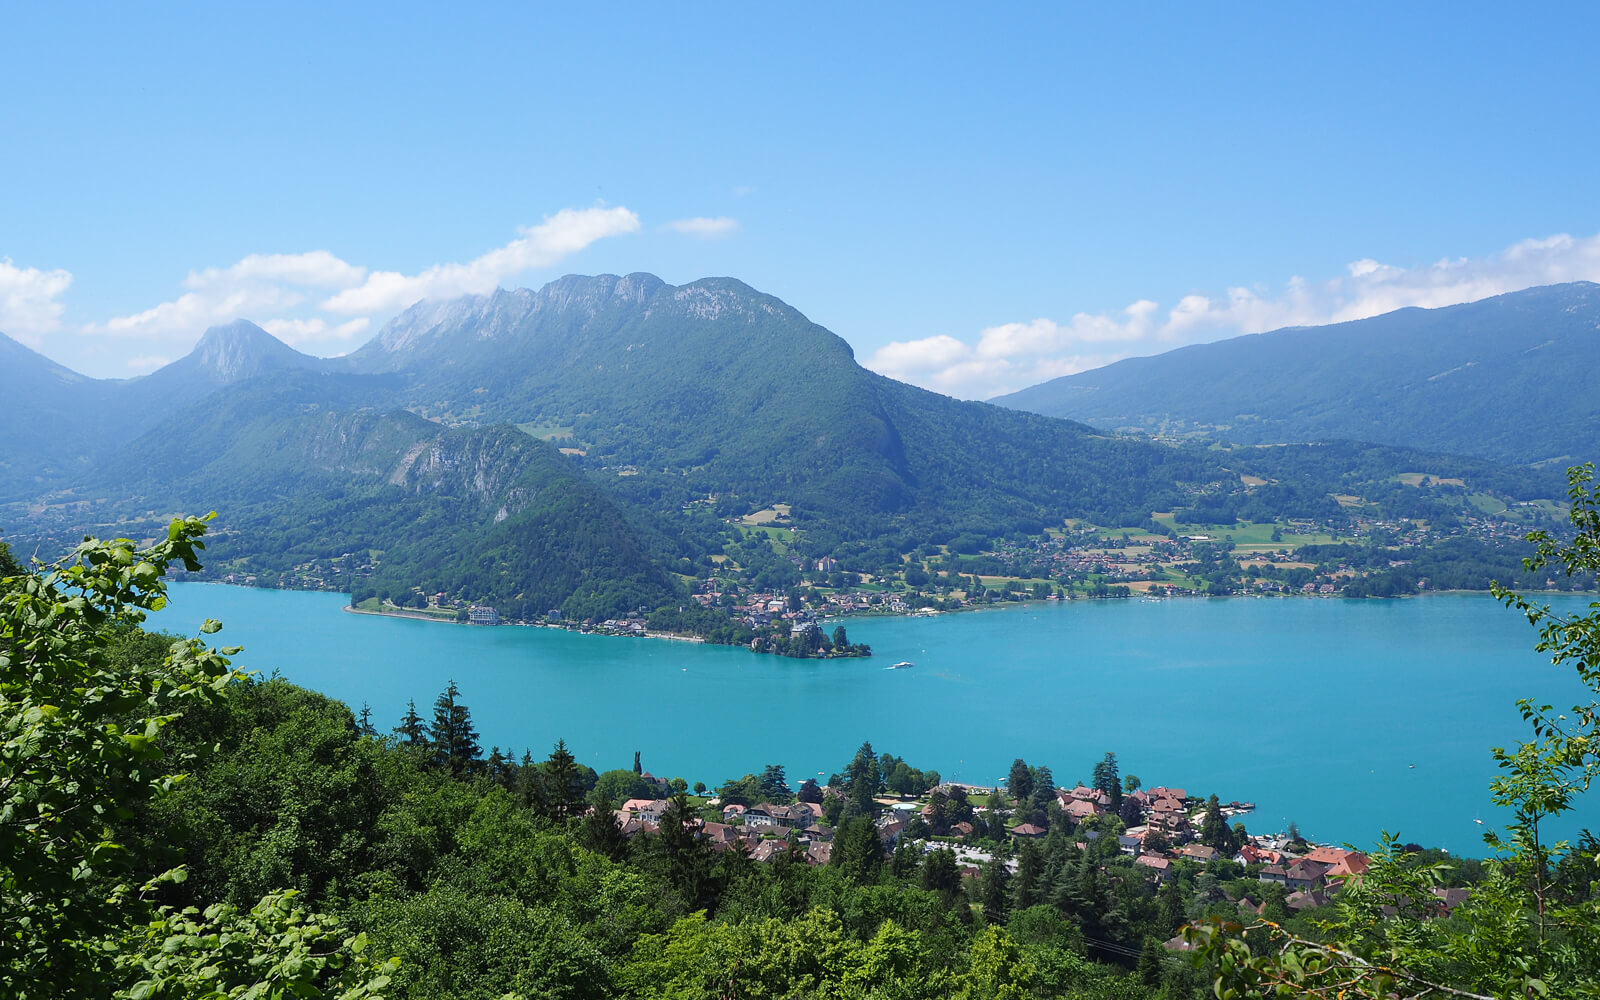 vue sur le lac d'Annecy depuis la cascade d'Angon